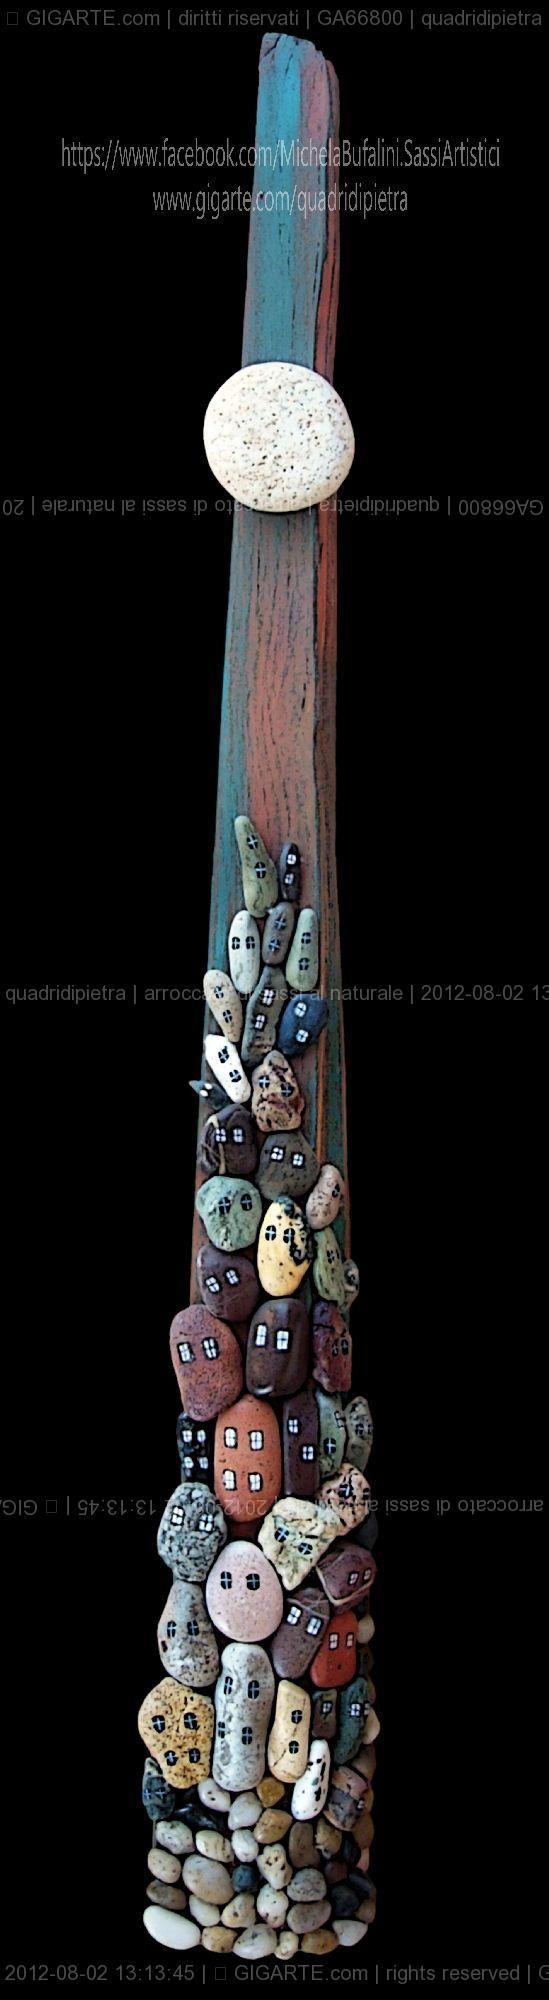 Michela Bufalini - QUADRI di PIETRA @Gigarte.com